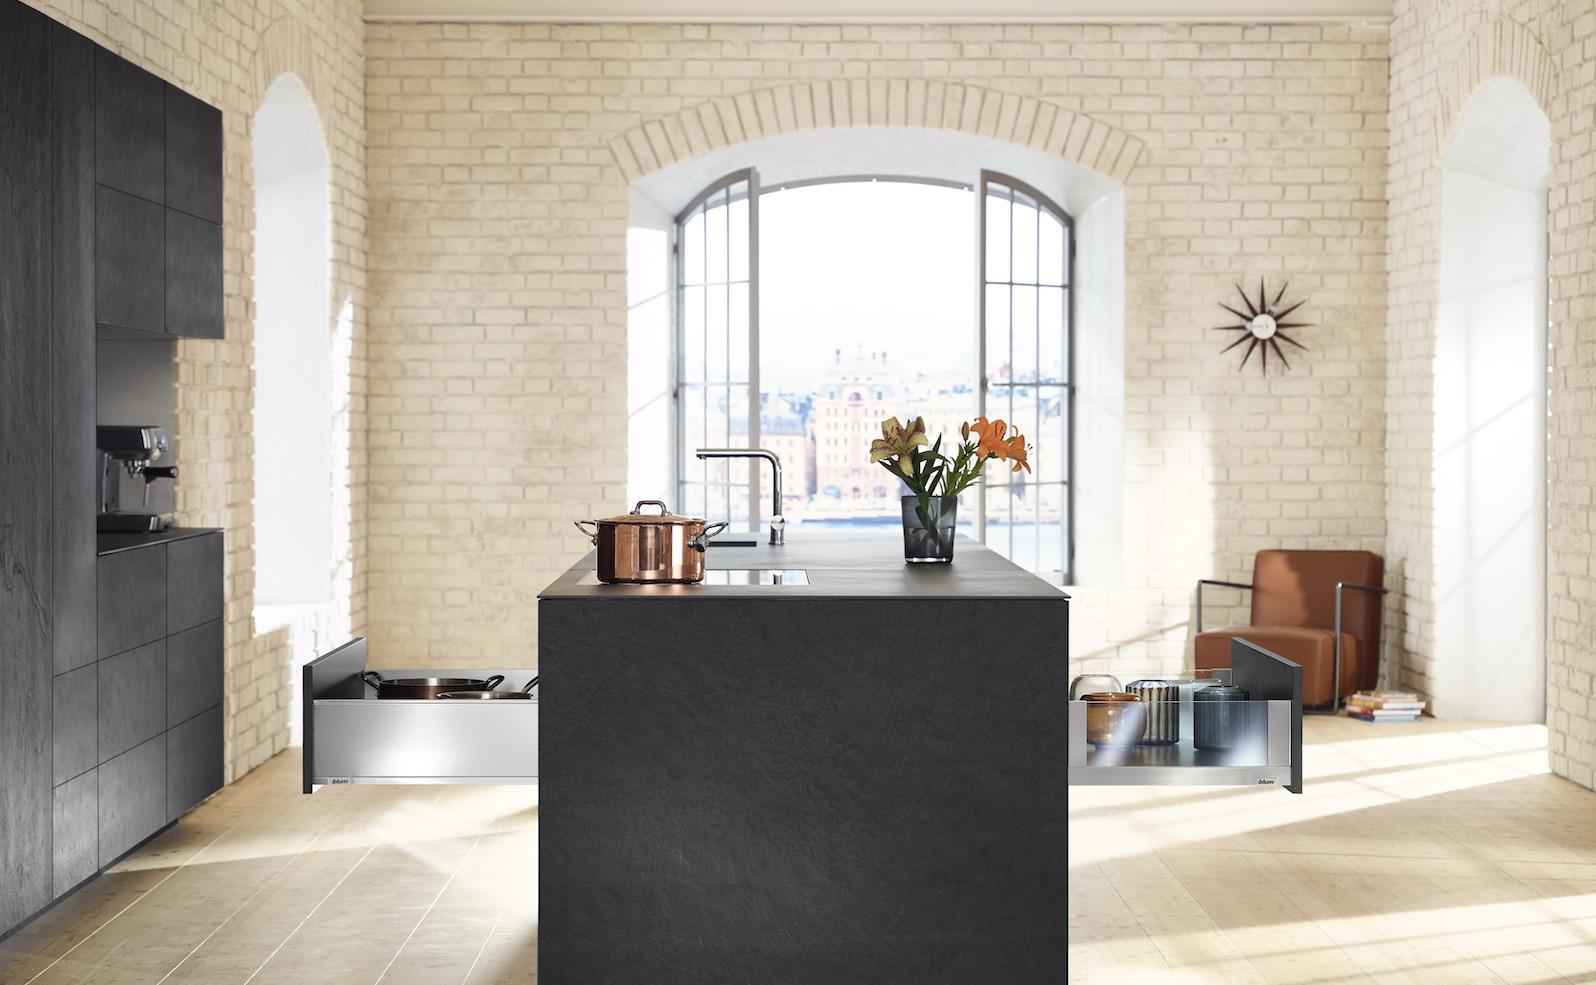 Du planst eine Designerküche? Dann nur mit LEGRABOX!